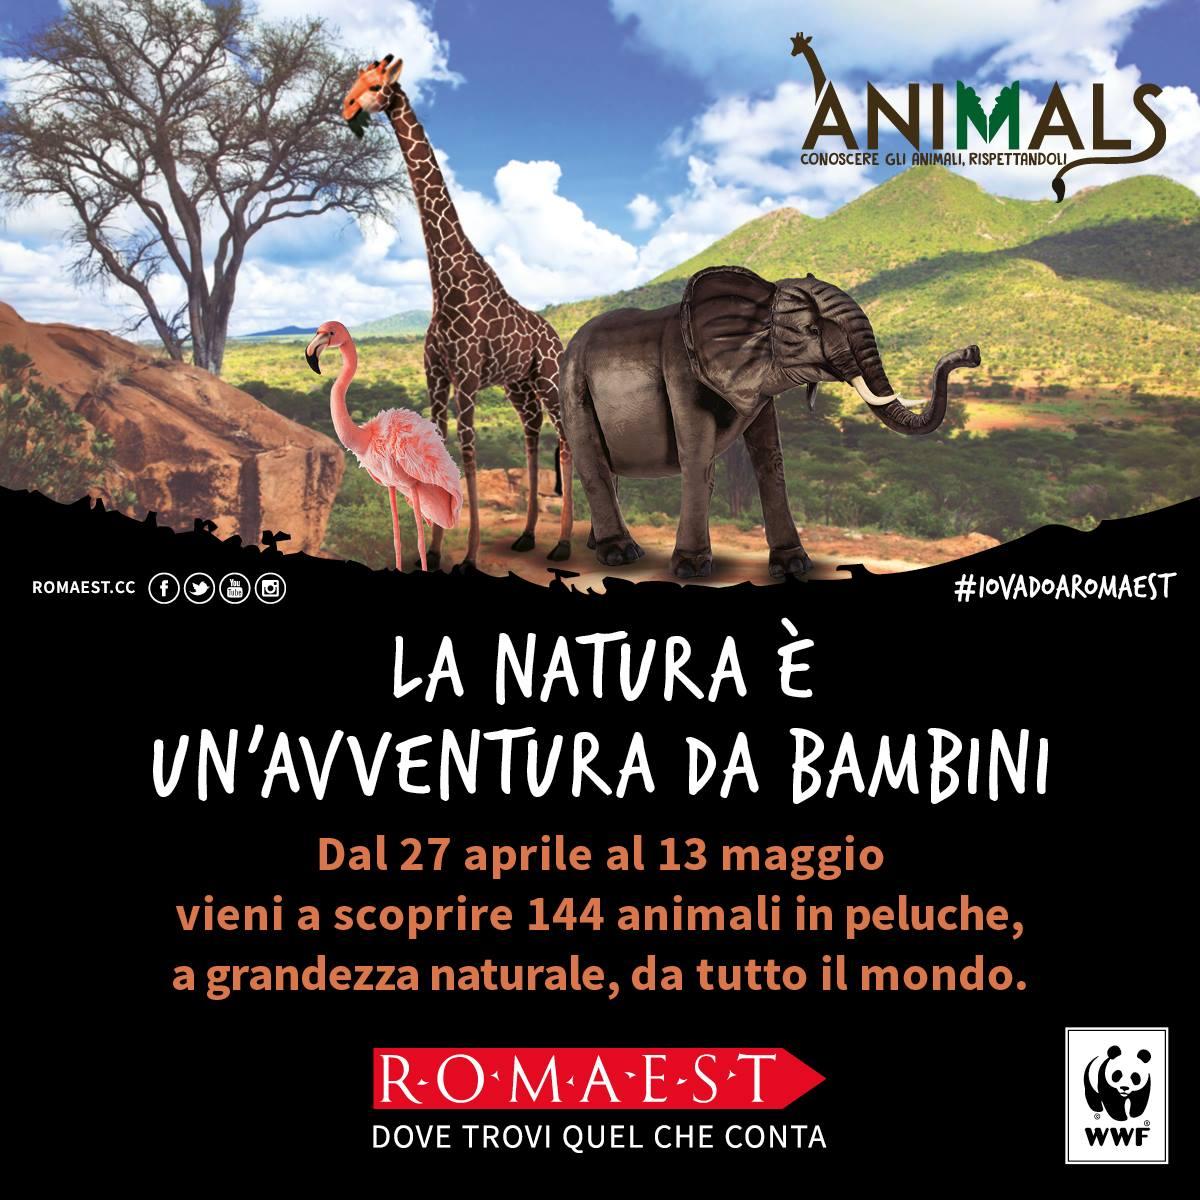 ANIMALS: A ROMAEST IL PROGETTO EDUCATIVO